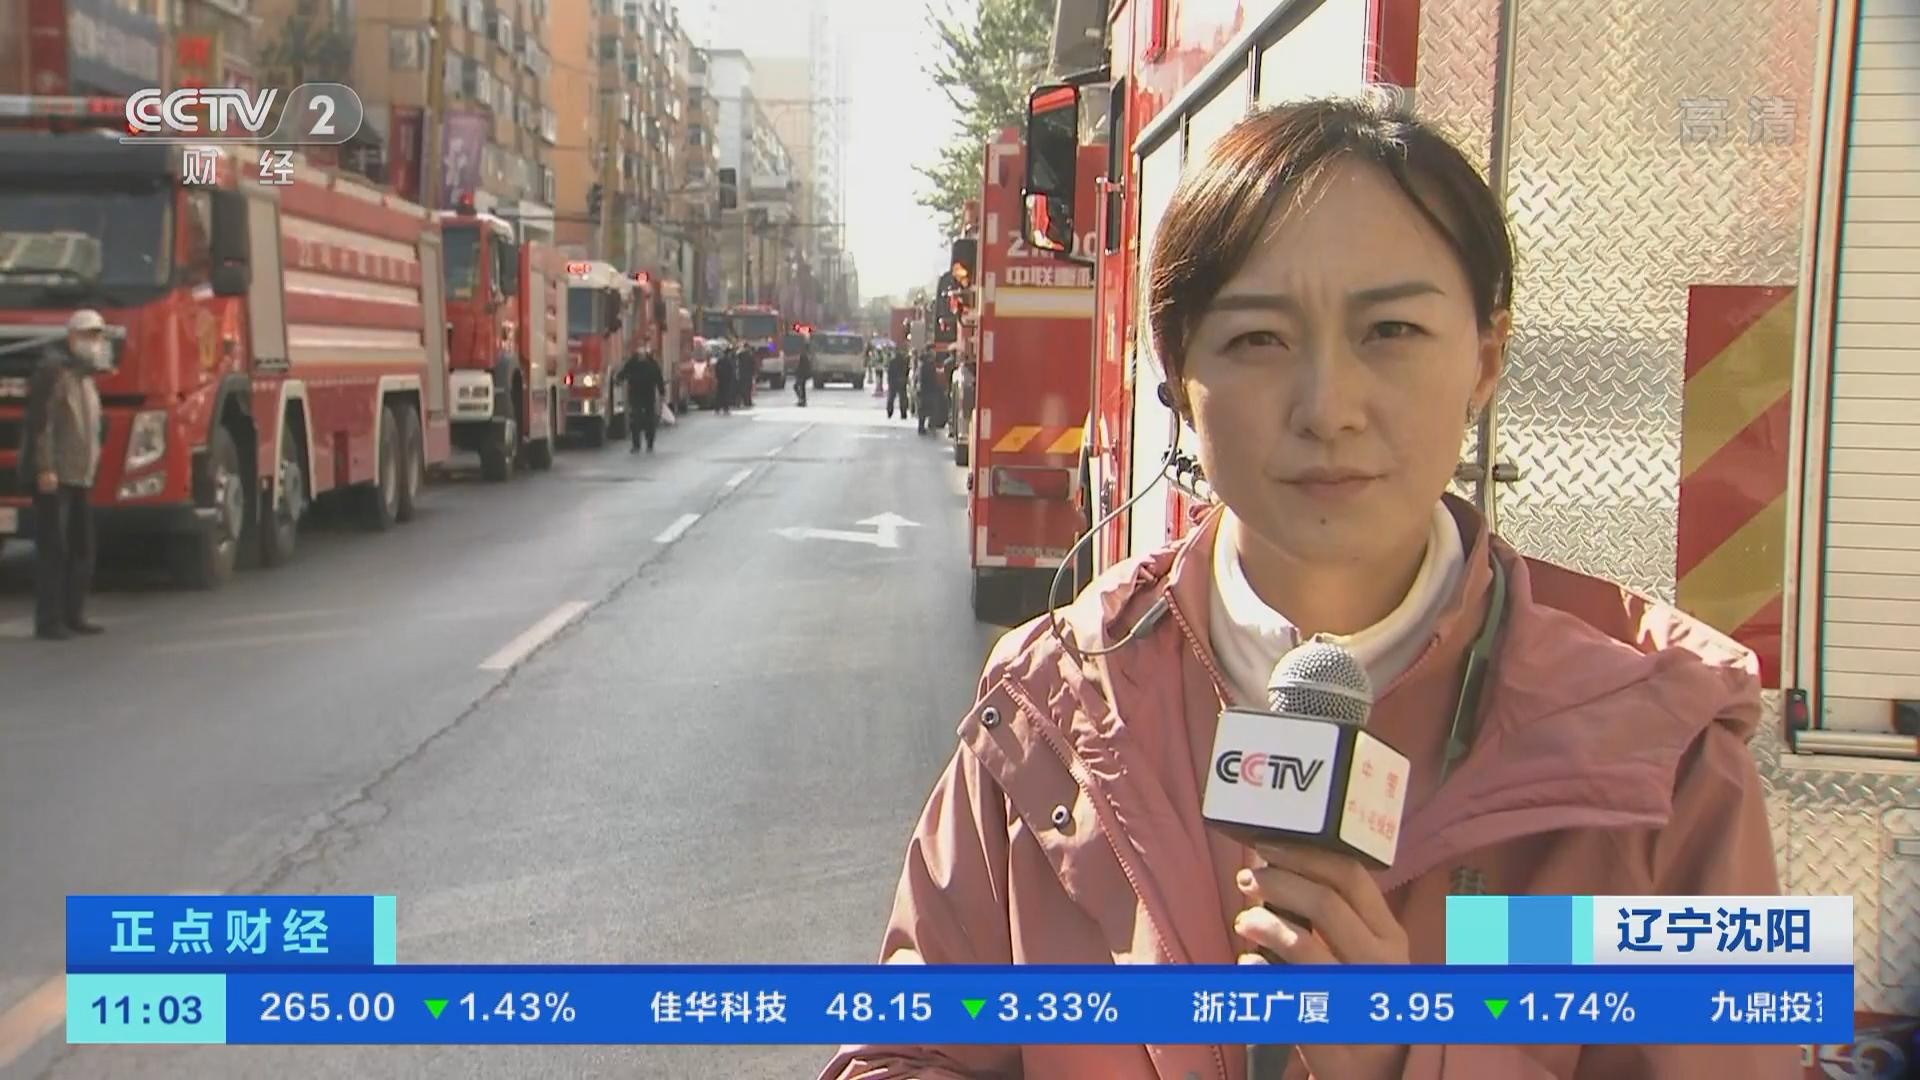 [正点财经]沈阳市太原南街一饭店发生燃气爆炸